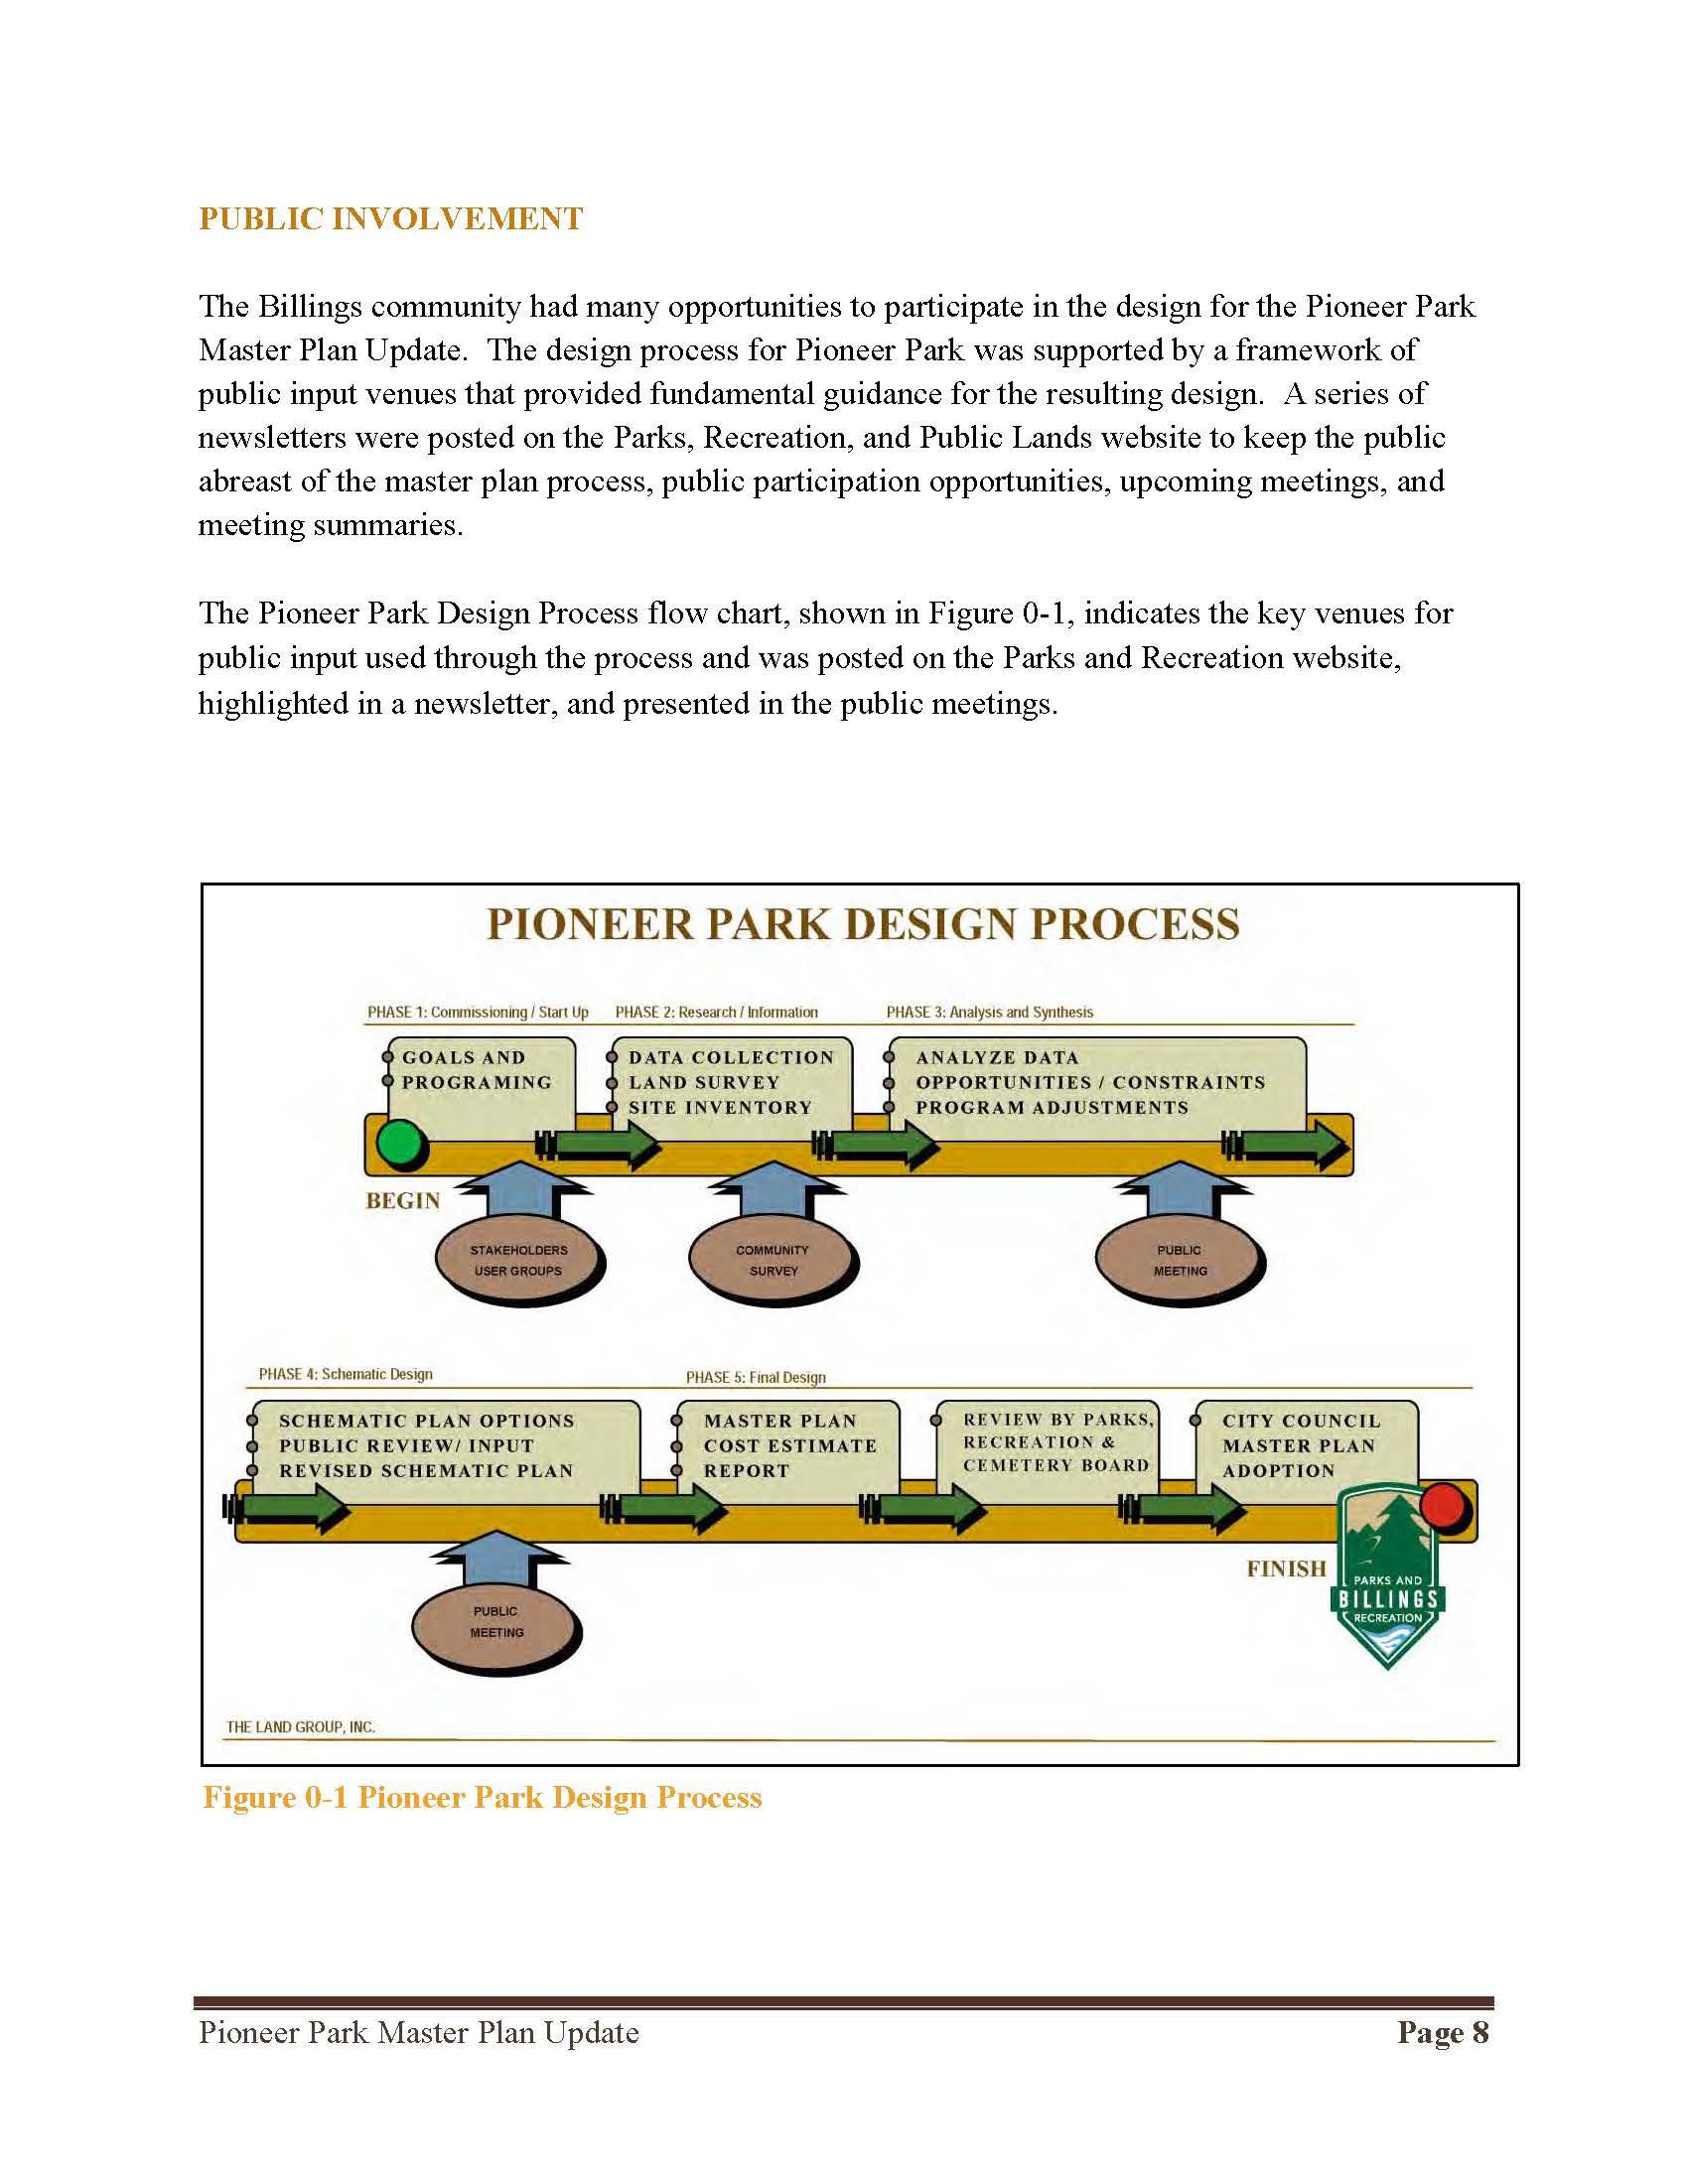 2010 Pioneer Park Master Plan Update_Page_009.jpg